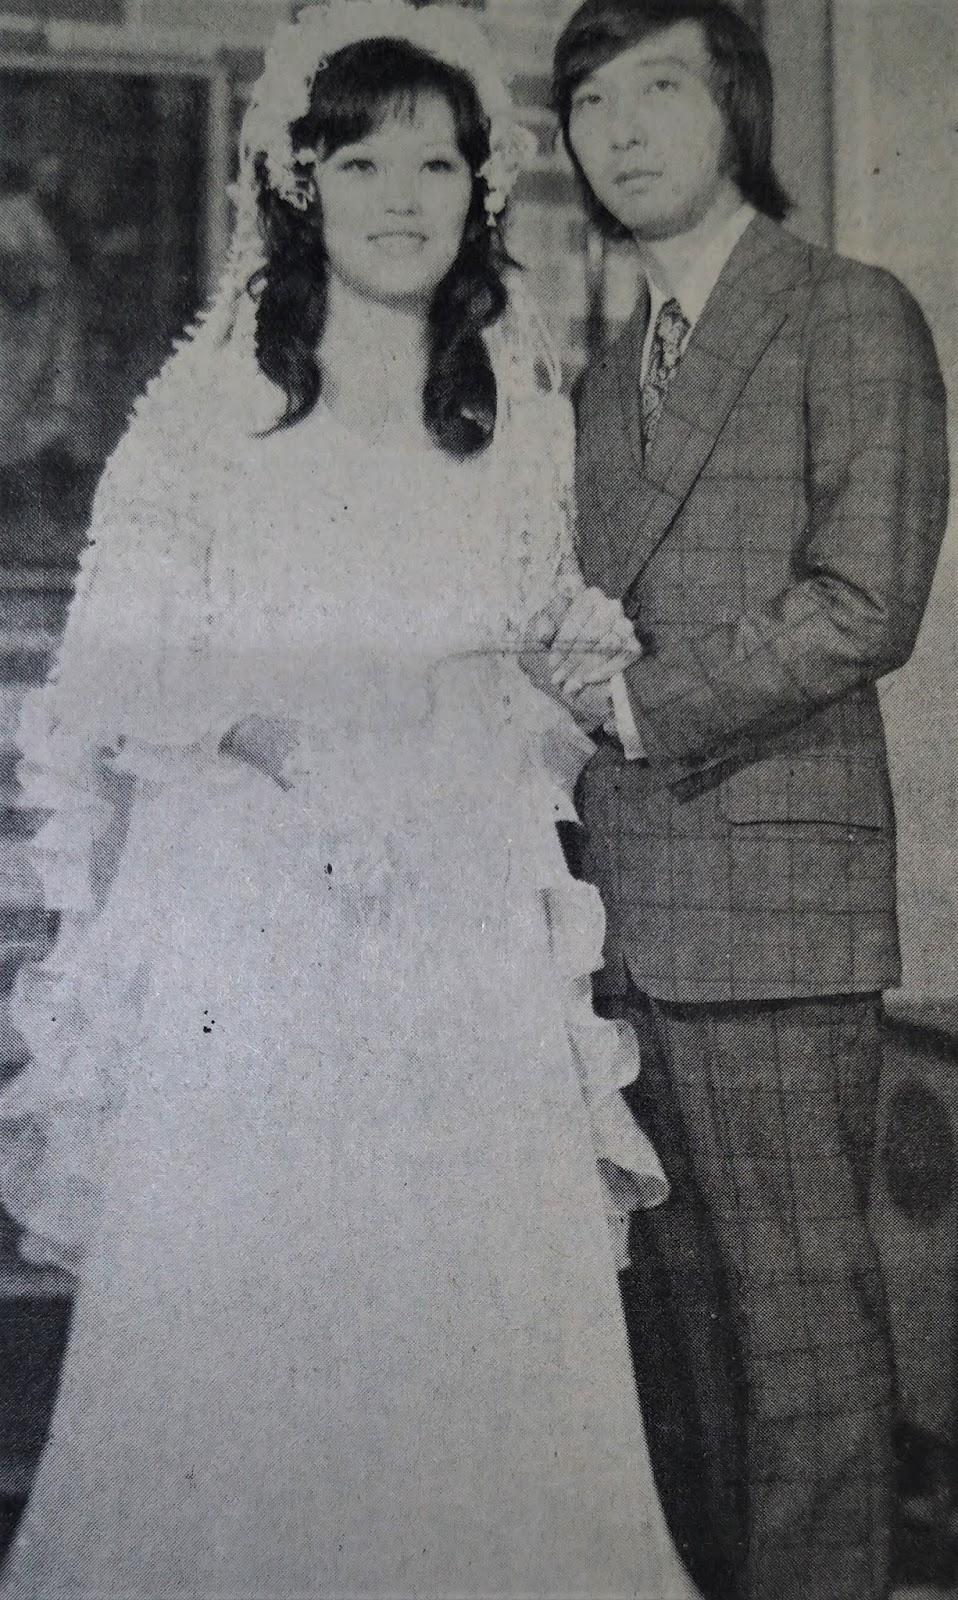 Os noivos Dirce e Mário Hossokawa - 1975